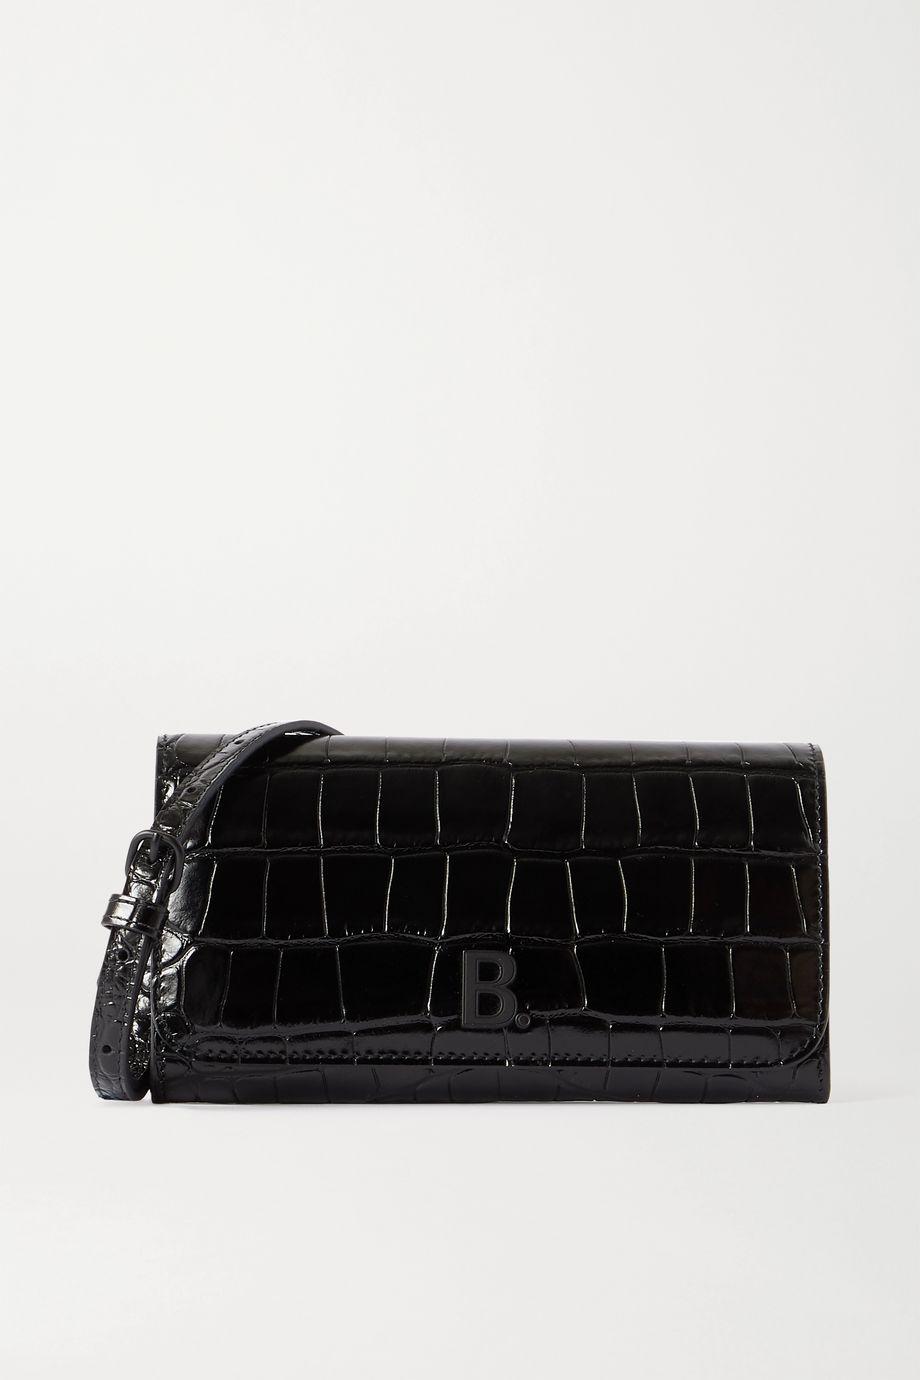 Balenciaga Touch Schultertasche aus Leder mit Krokodileffekt